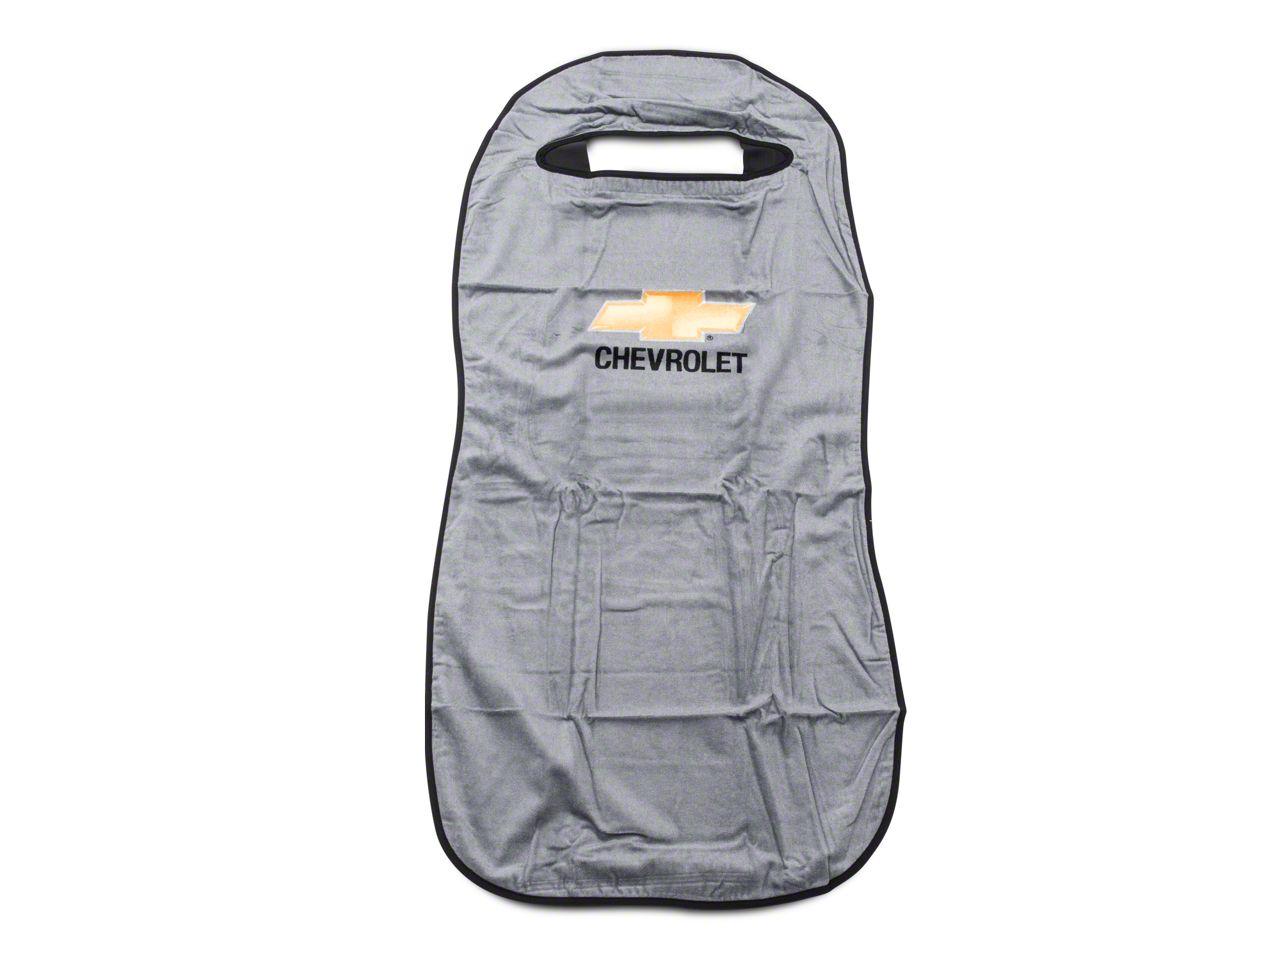 Seat Protector w/ Chevrolet Bowtie Logo - Gray (07-18 Silverado 1500)